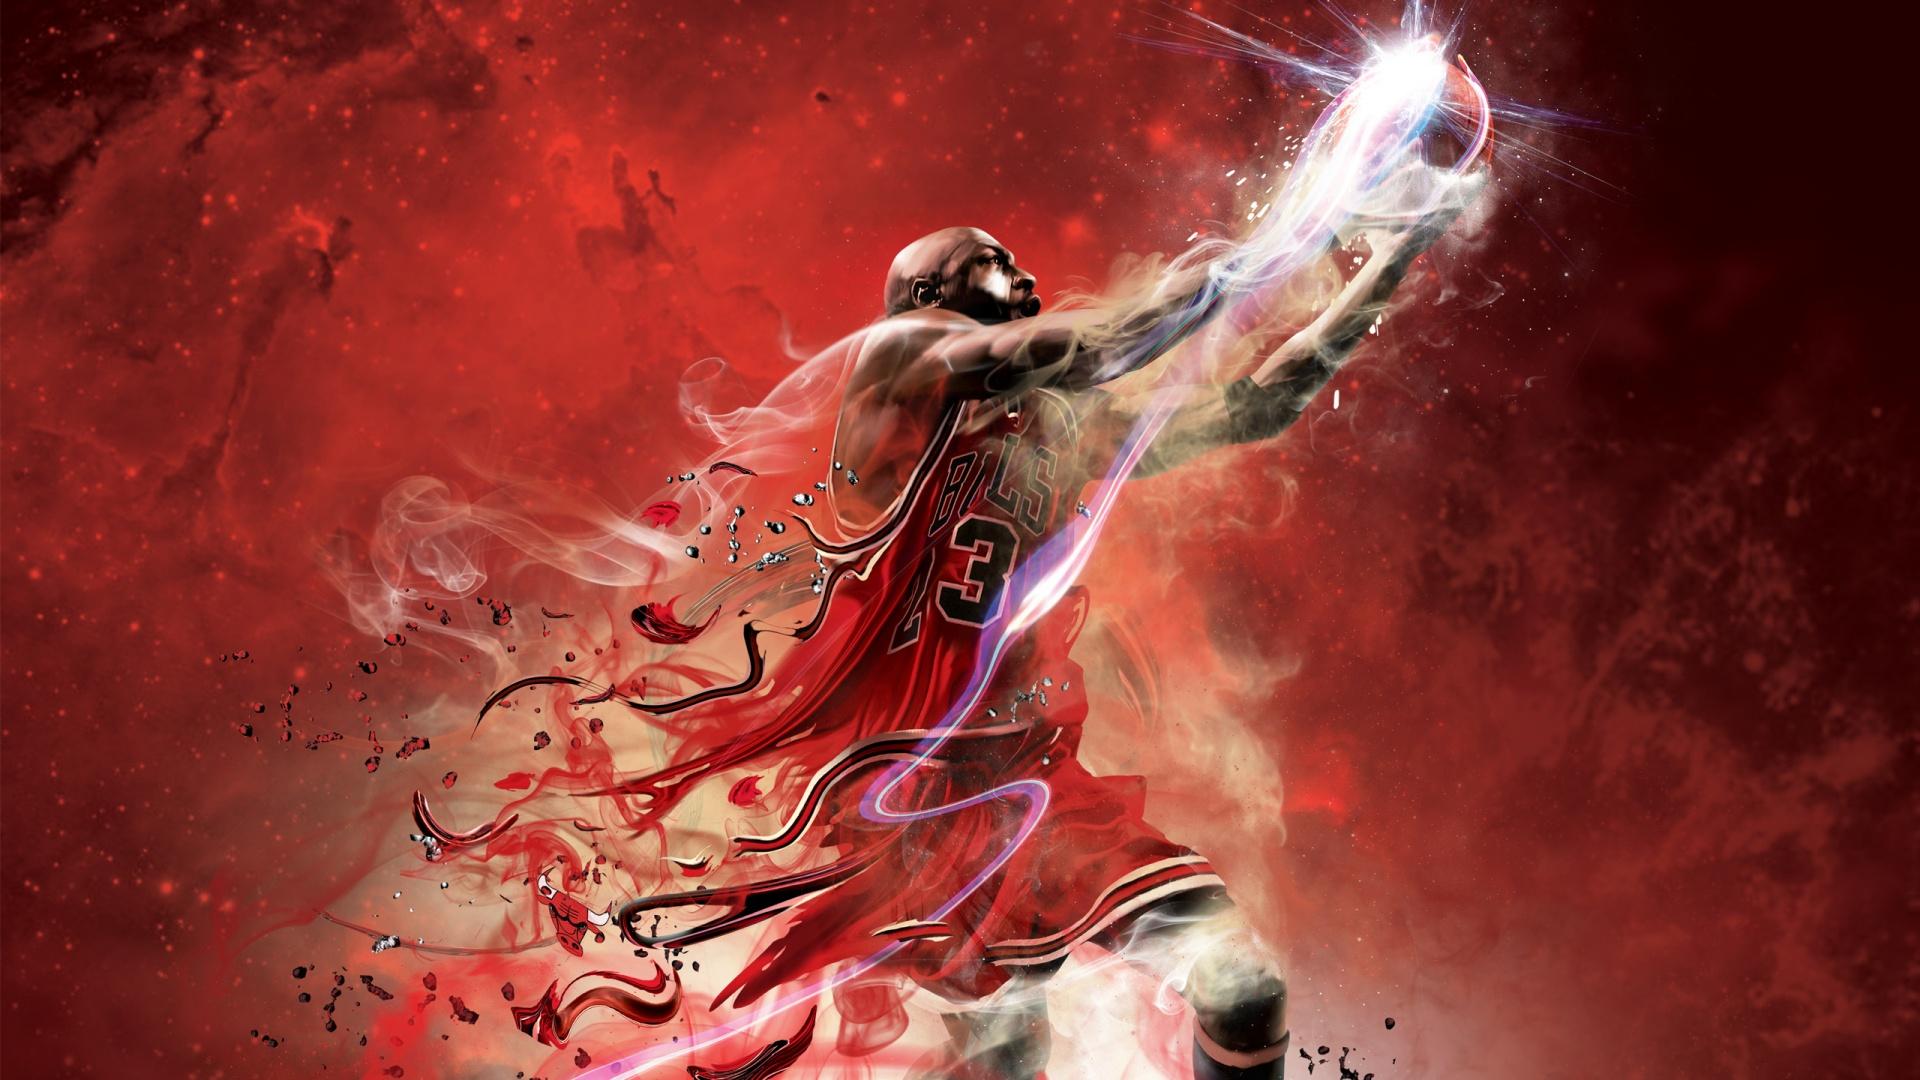 Michael Jordan Wallpapers HD Download 1920x1080